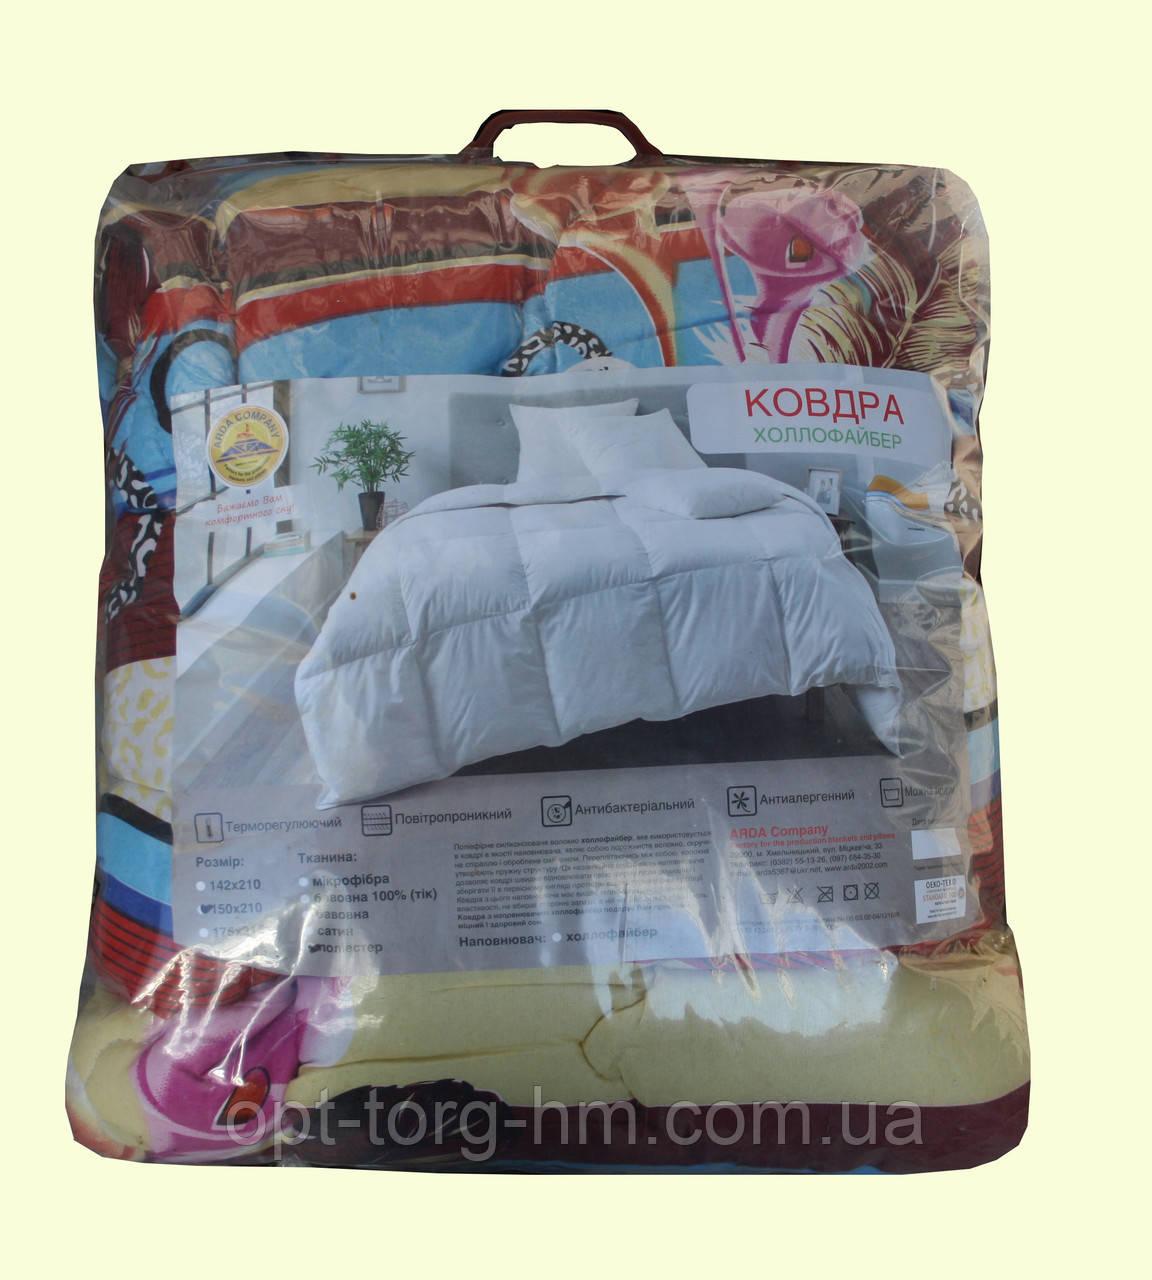 Одеяло Холлофайбер 150*210 ARDA Company